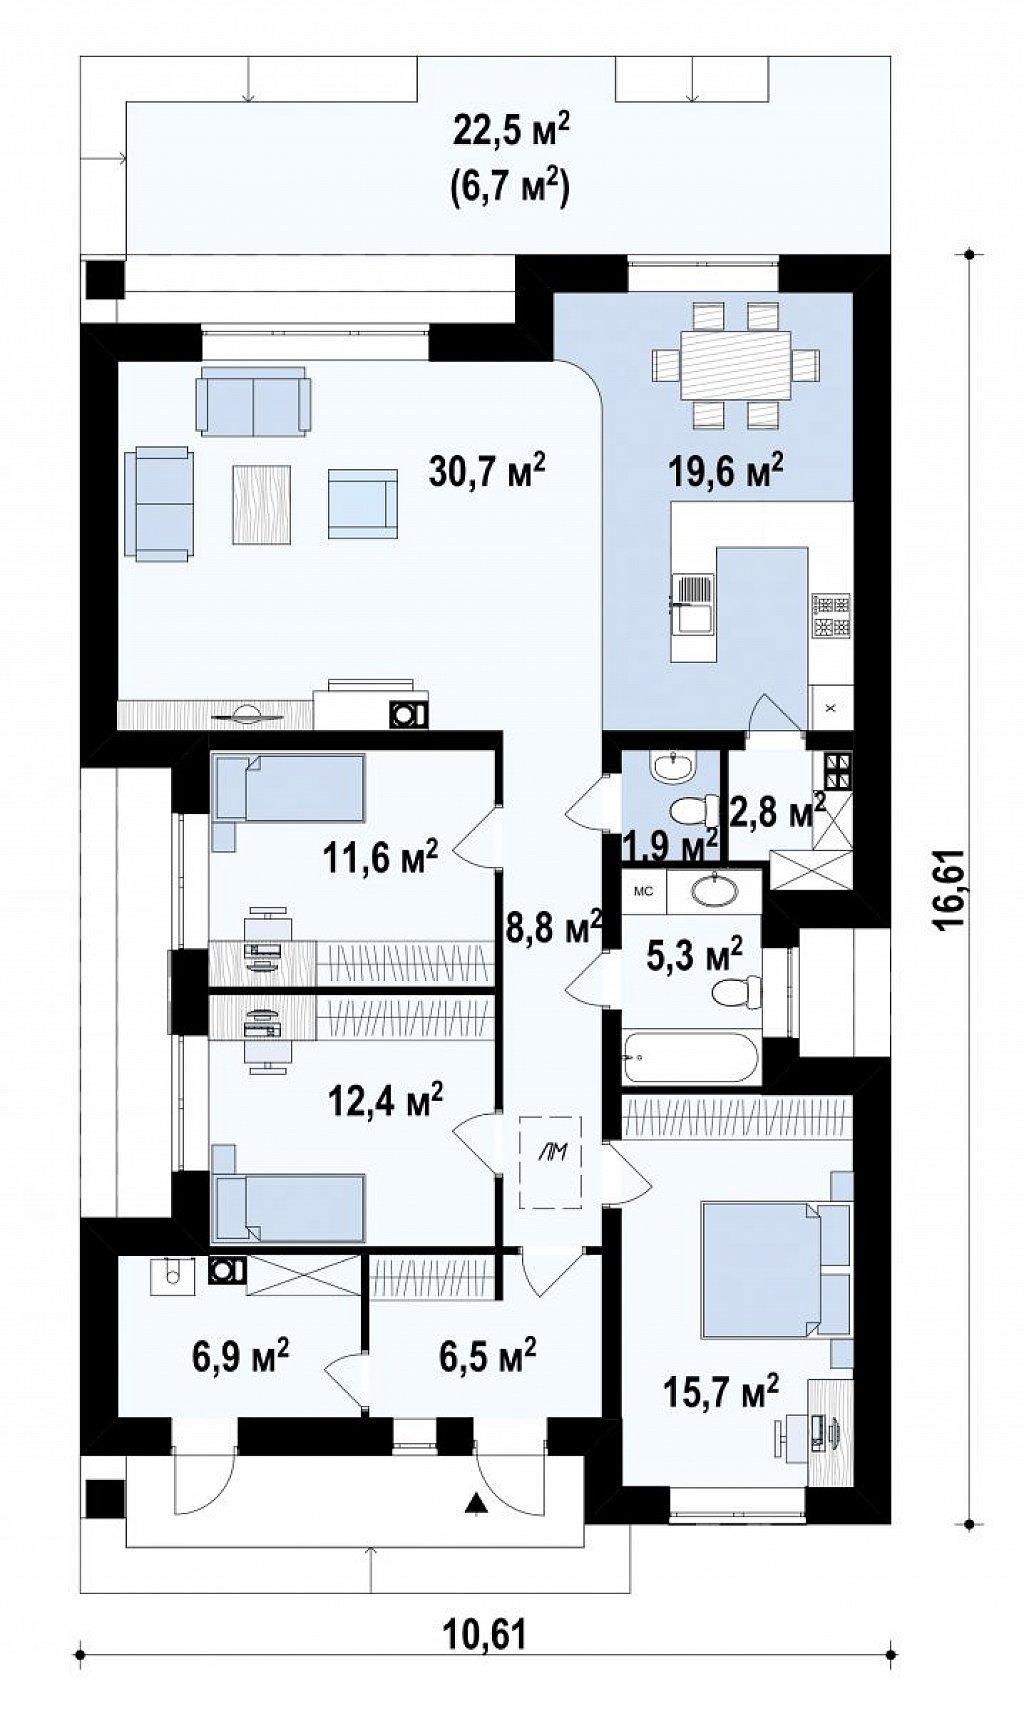 Красивый одноэтажный дом с удобной планировкой план помещений 1